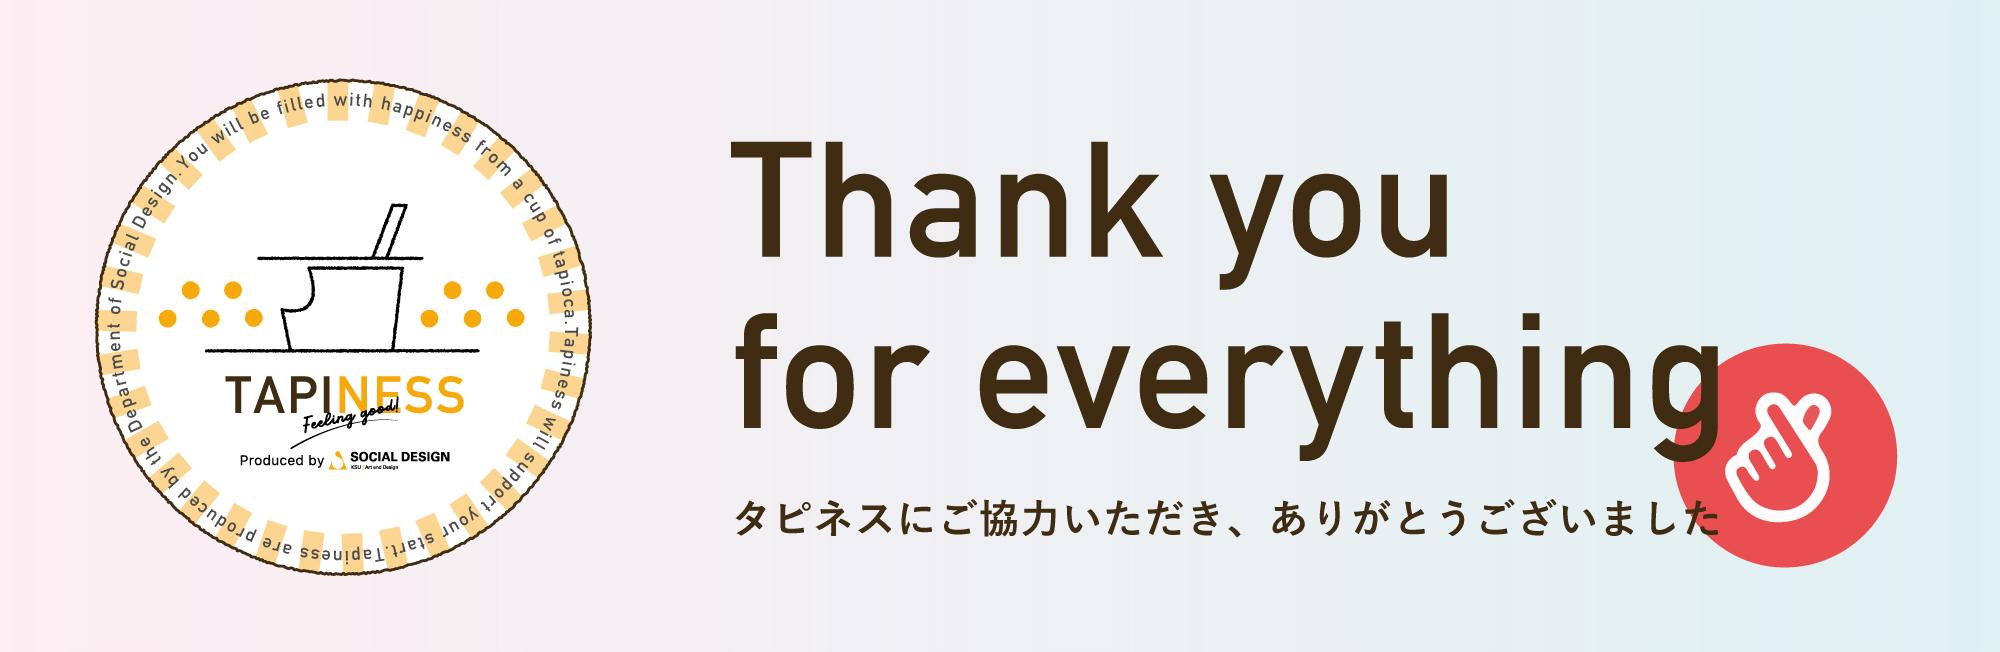 TAPINESS_ThankYou.jpg